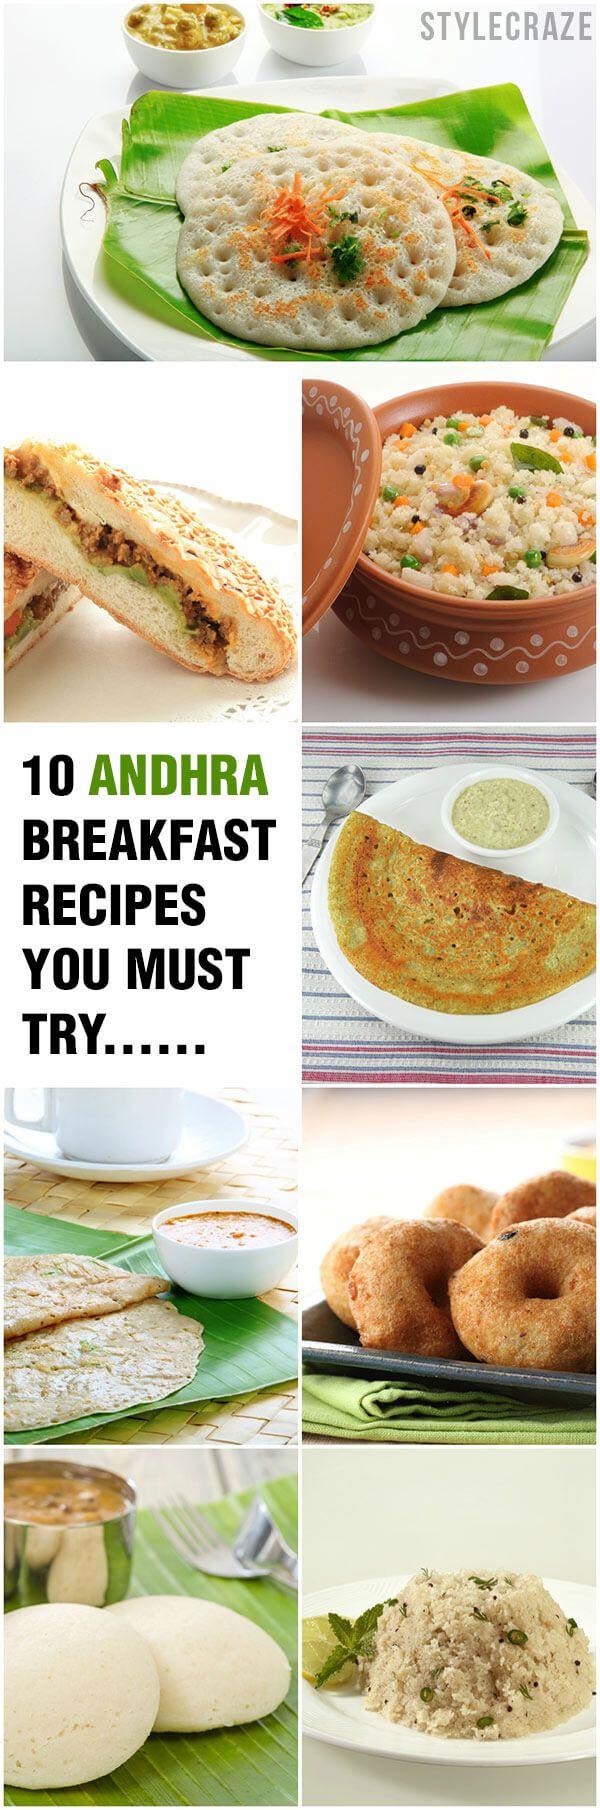 10 Schnelle und einfache andhra Frühstück Rezepte, die Sie müssen versuchen,